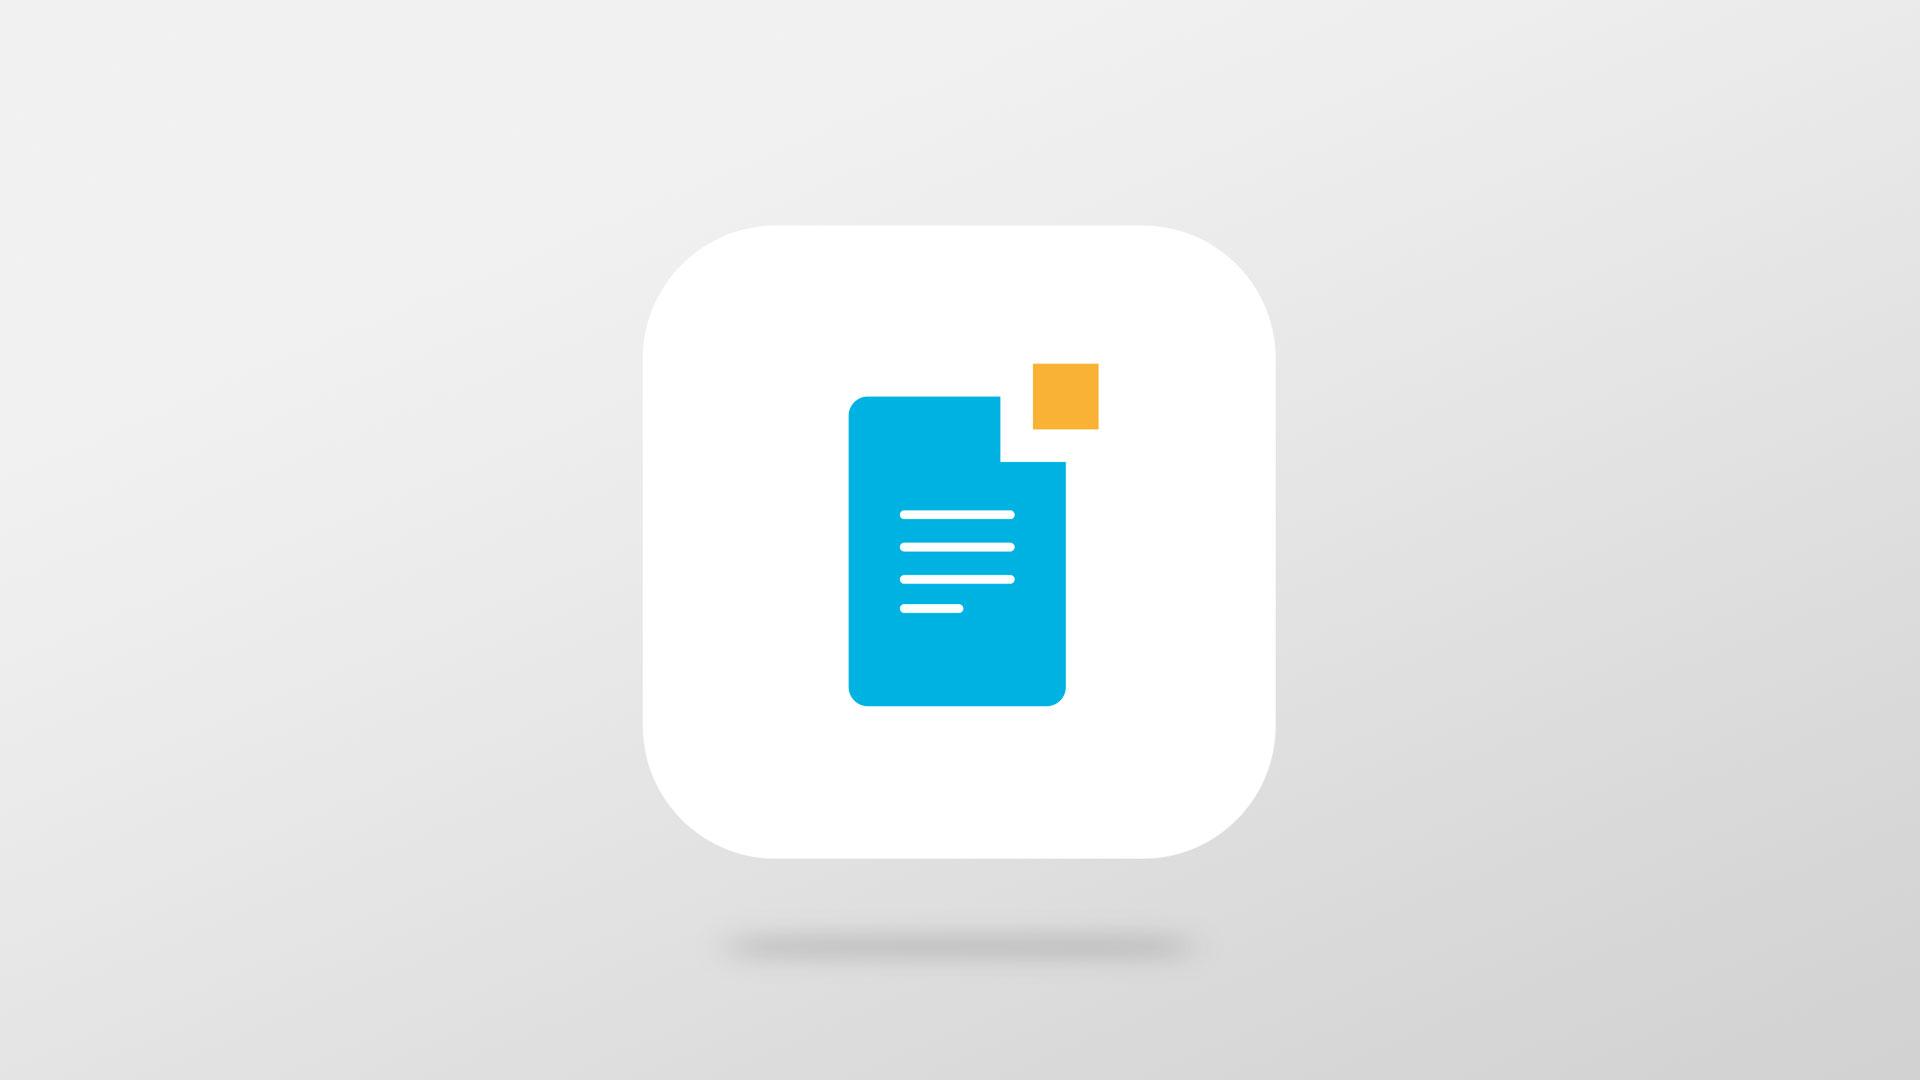 Et ikon for mPublish, med et blått ark med linjer og en liten oransje firkant i høyre hjørne. Illustrasjon.